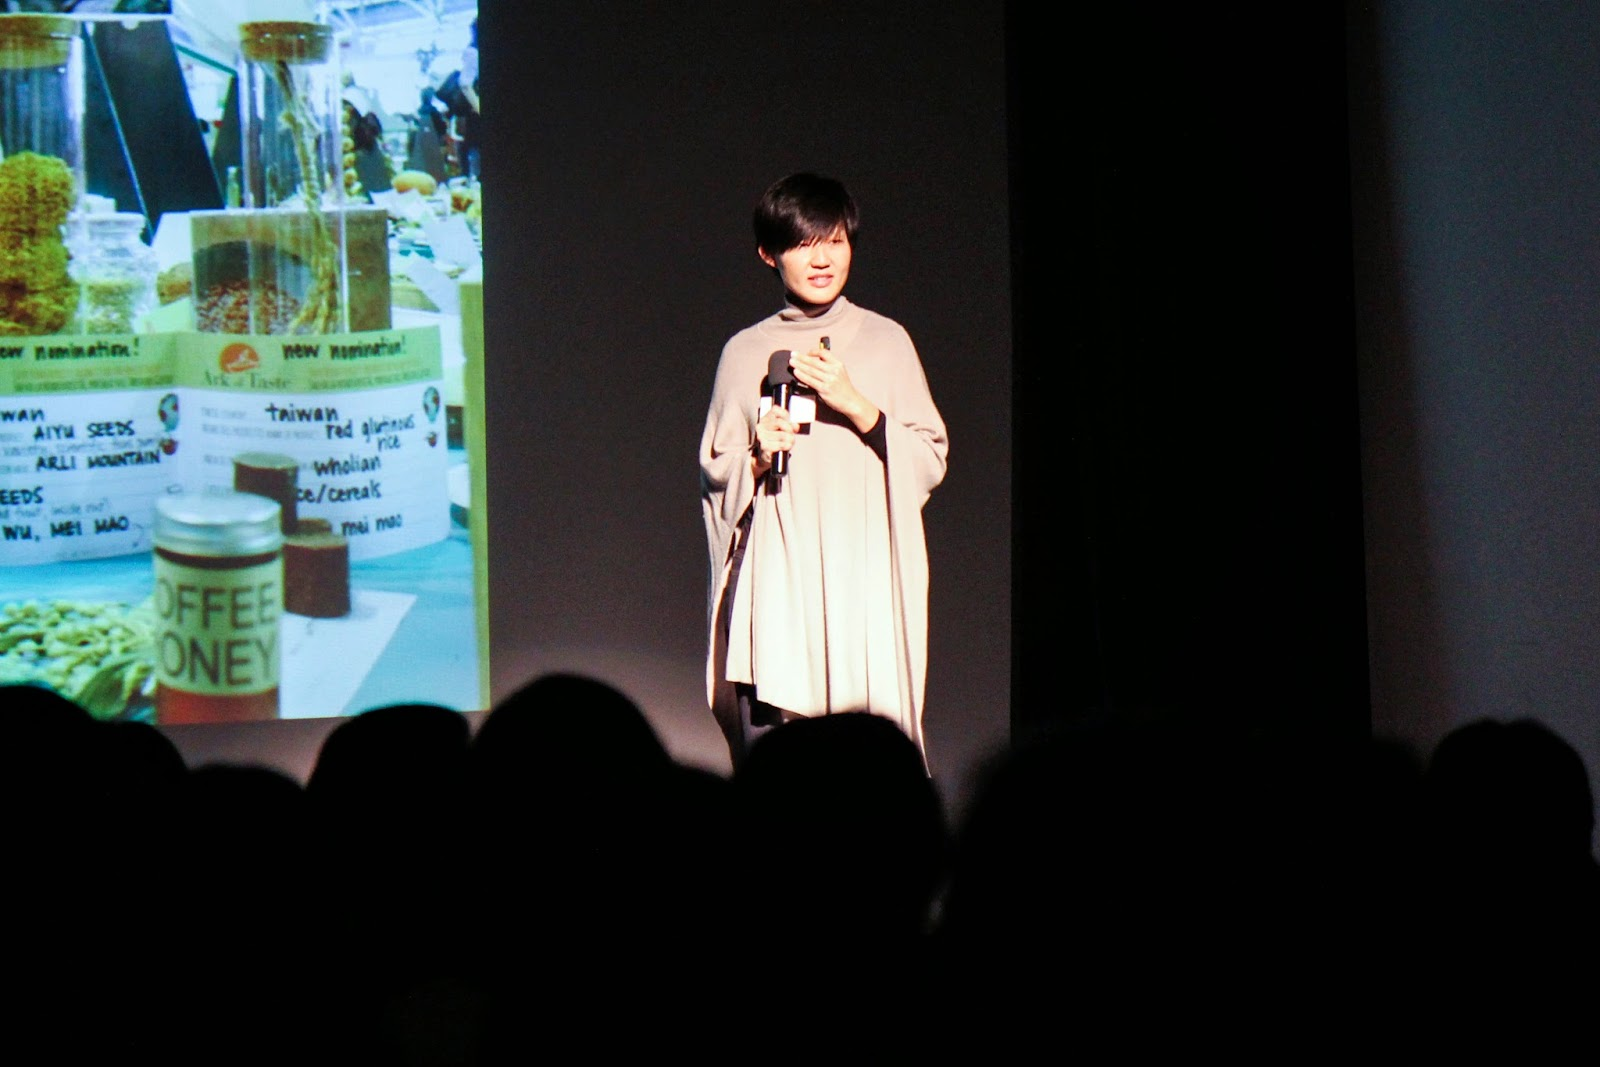 台灣味與台灣認同:江振誠策展的台灣味論壇